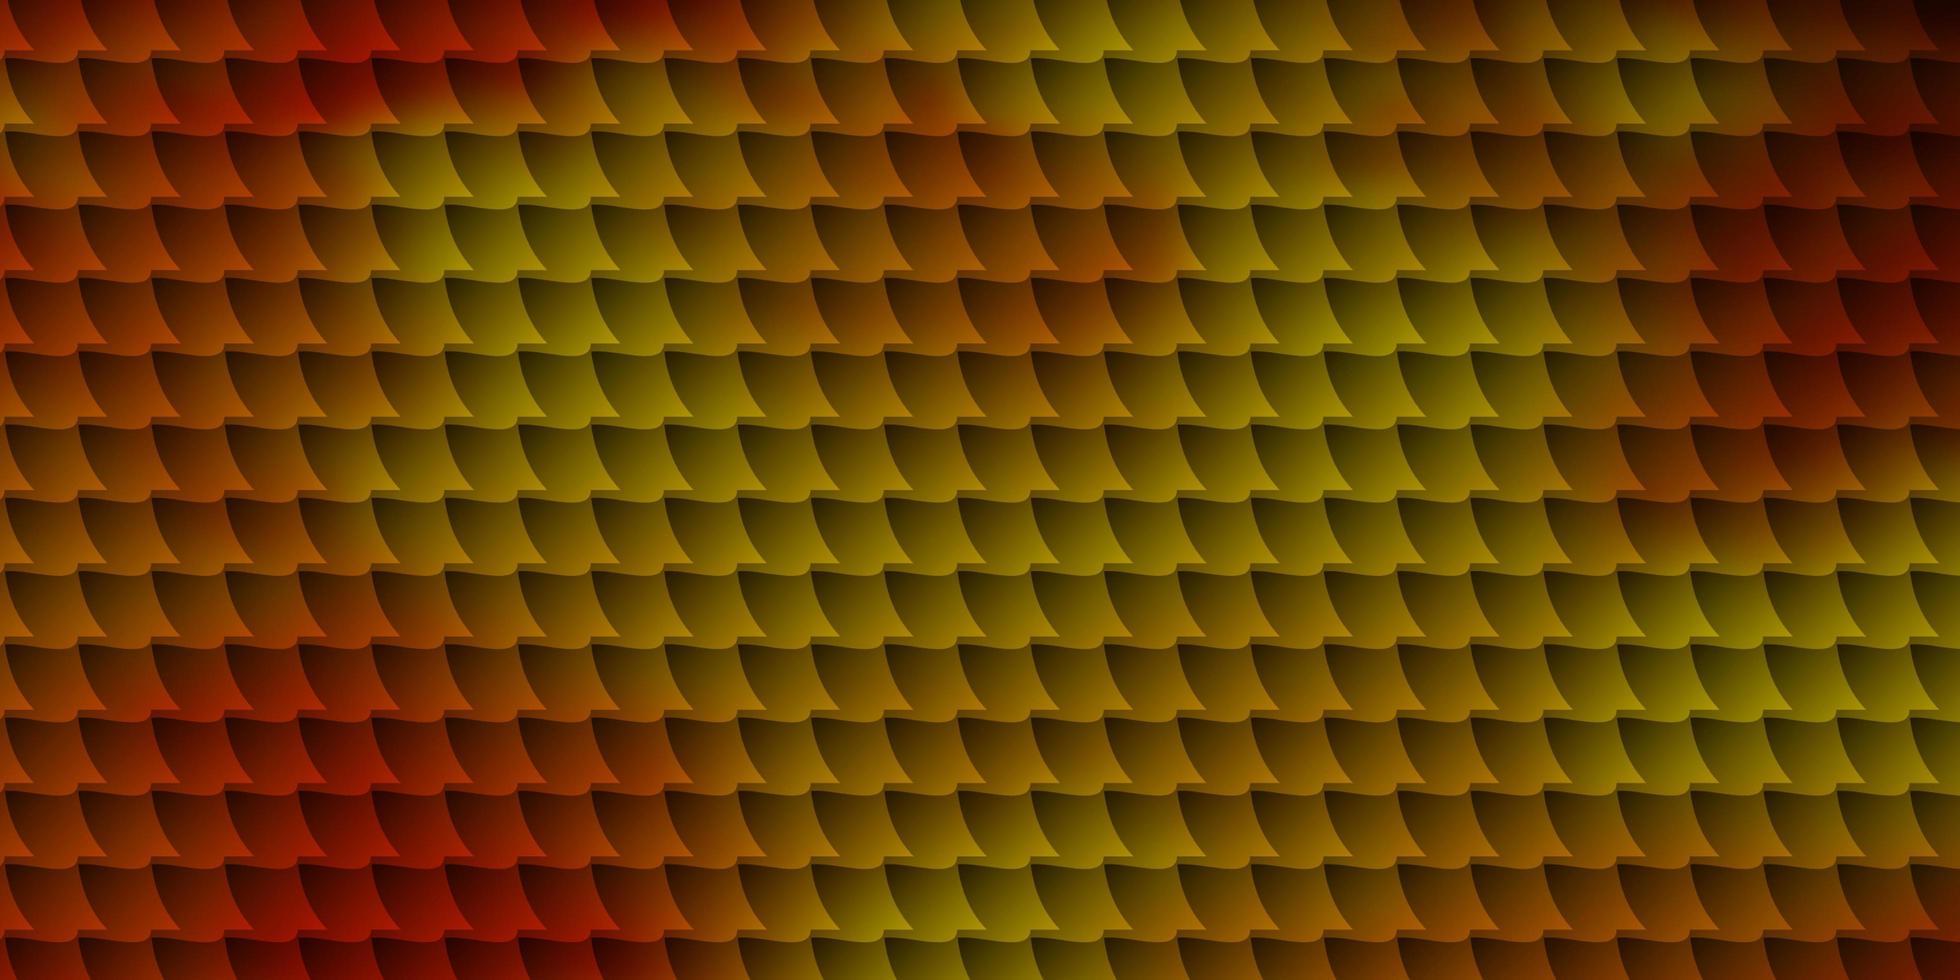 toile de fond de vecteur rouge et jaune clair avec des rectangles.